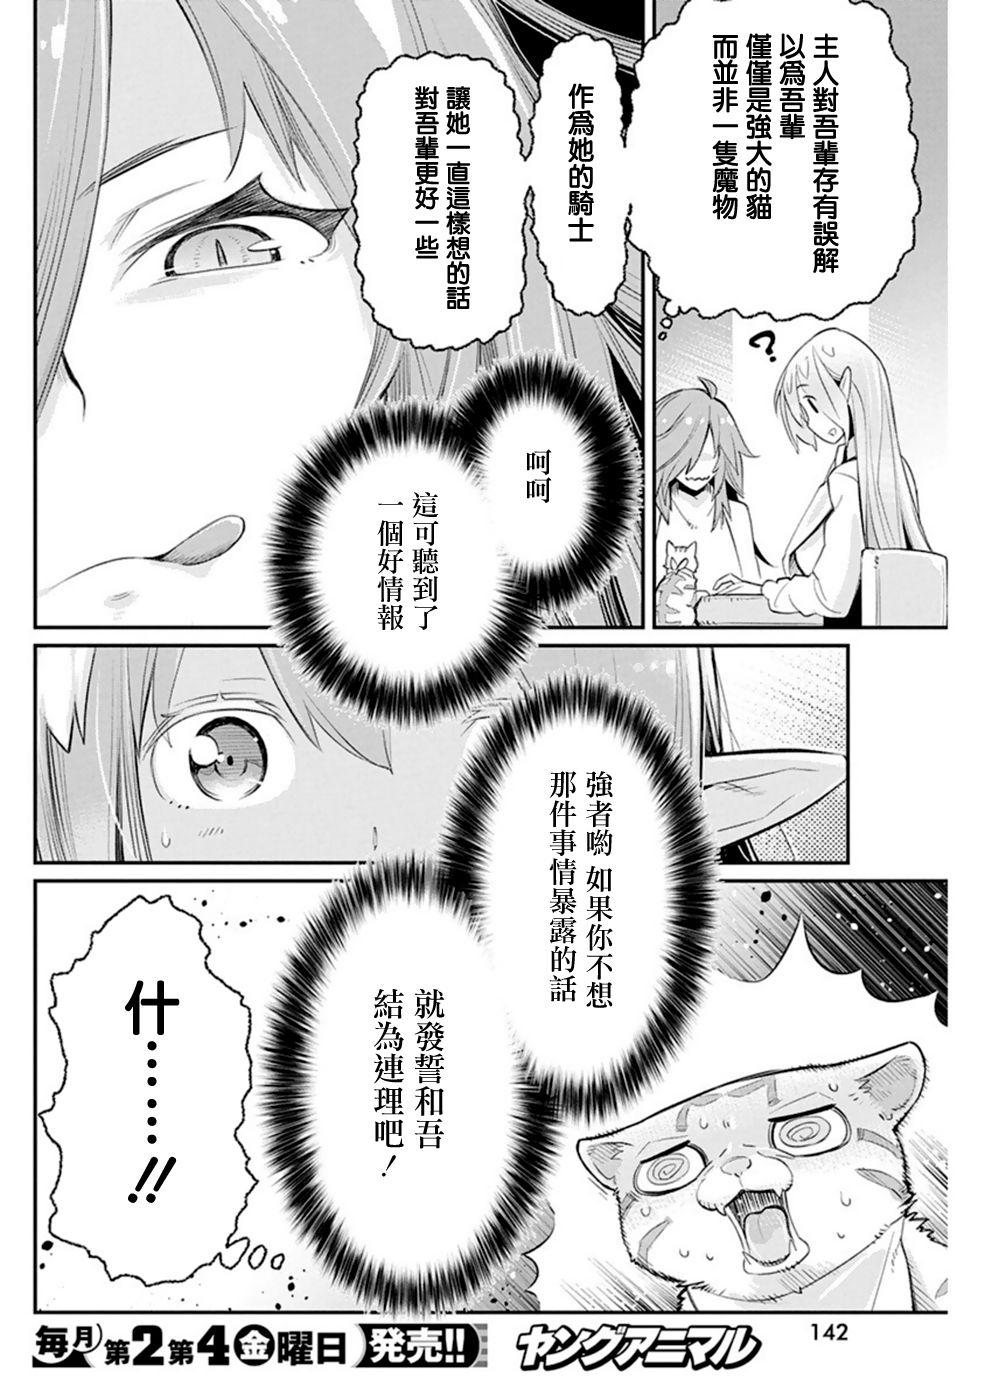 重生的貓騎士與精靈娘的日常: 22話 - 第16页